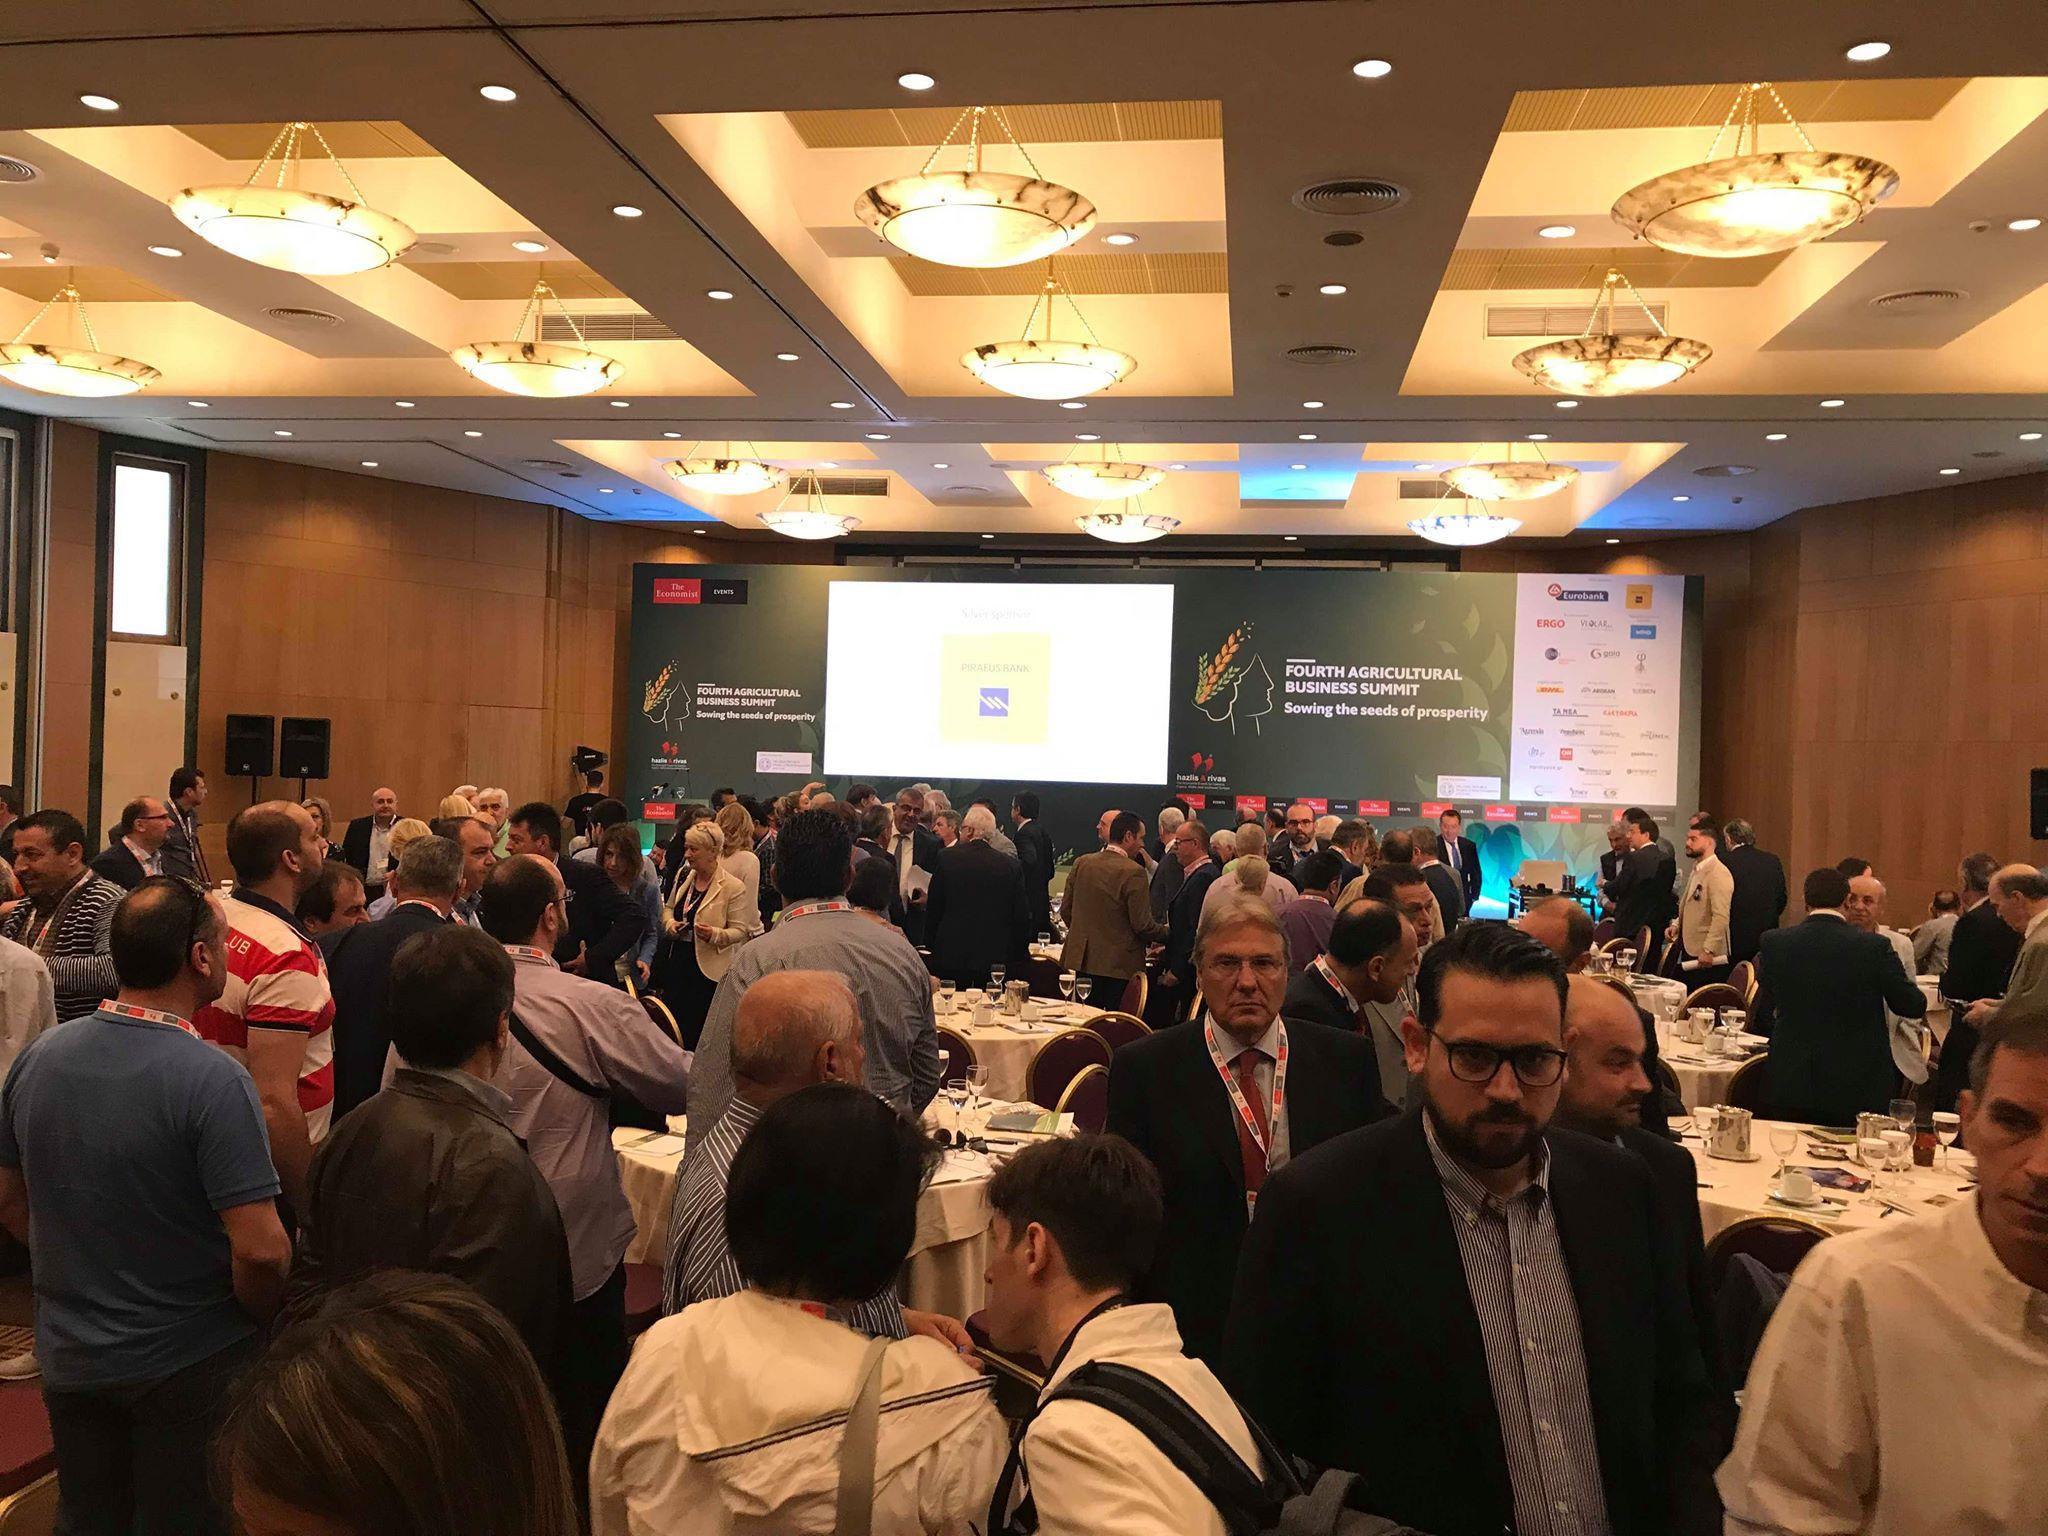 4ο Συνέδριο του Economist στη Λάρισα (Φώτο)